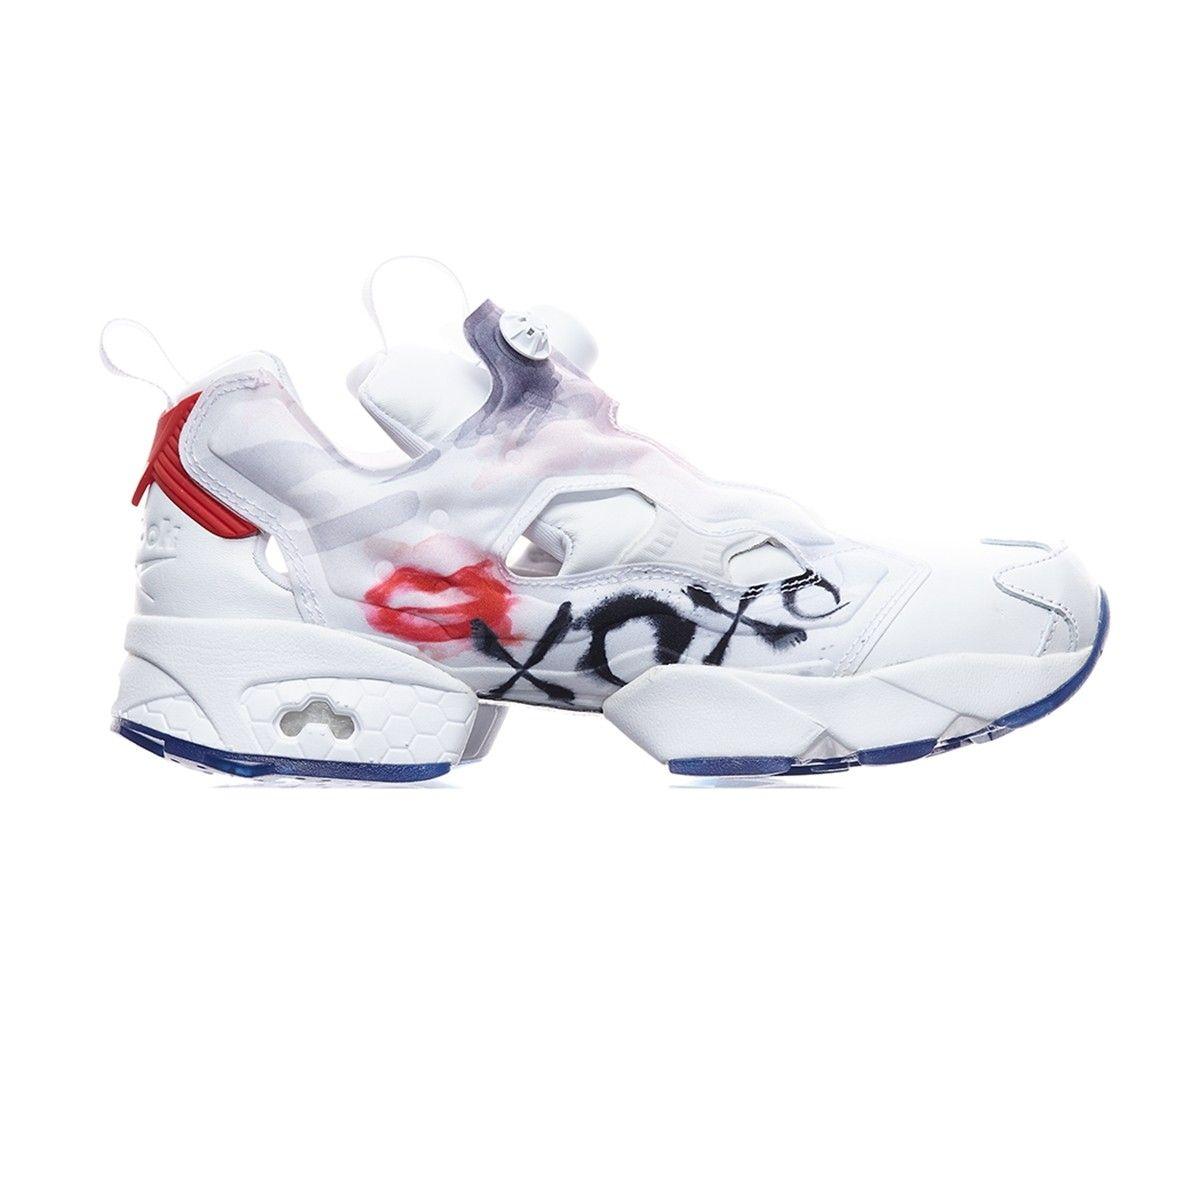 5218fdeb8 Reebok WMNS Instapump Fury 'Celebrate' Sneakers Footwear - Slam Jam ...